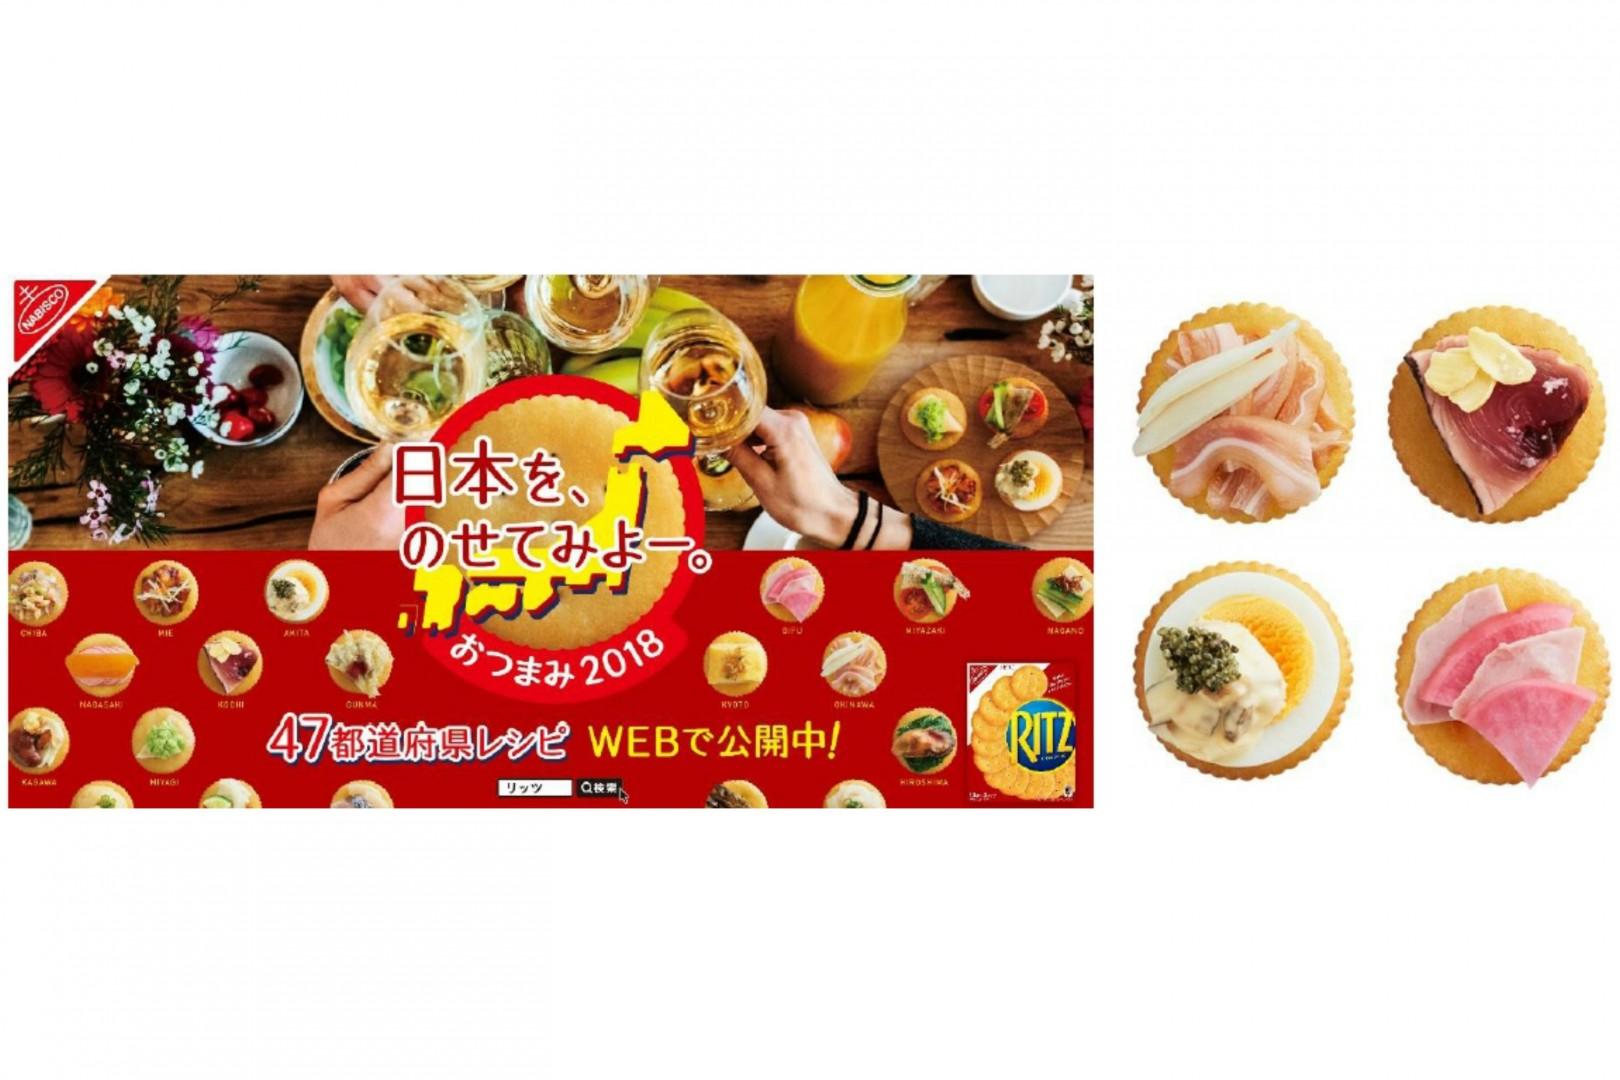 47都道府県のご当地食材でおつまみ!「オン・ザ・リッツ」レシピ